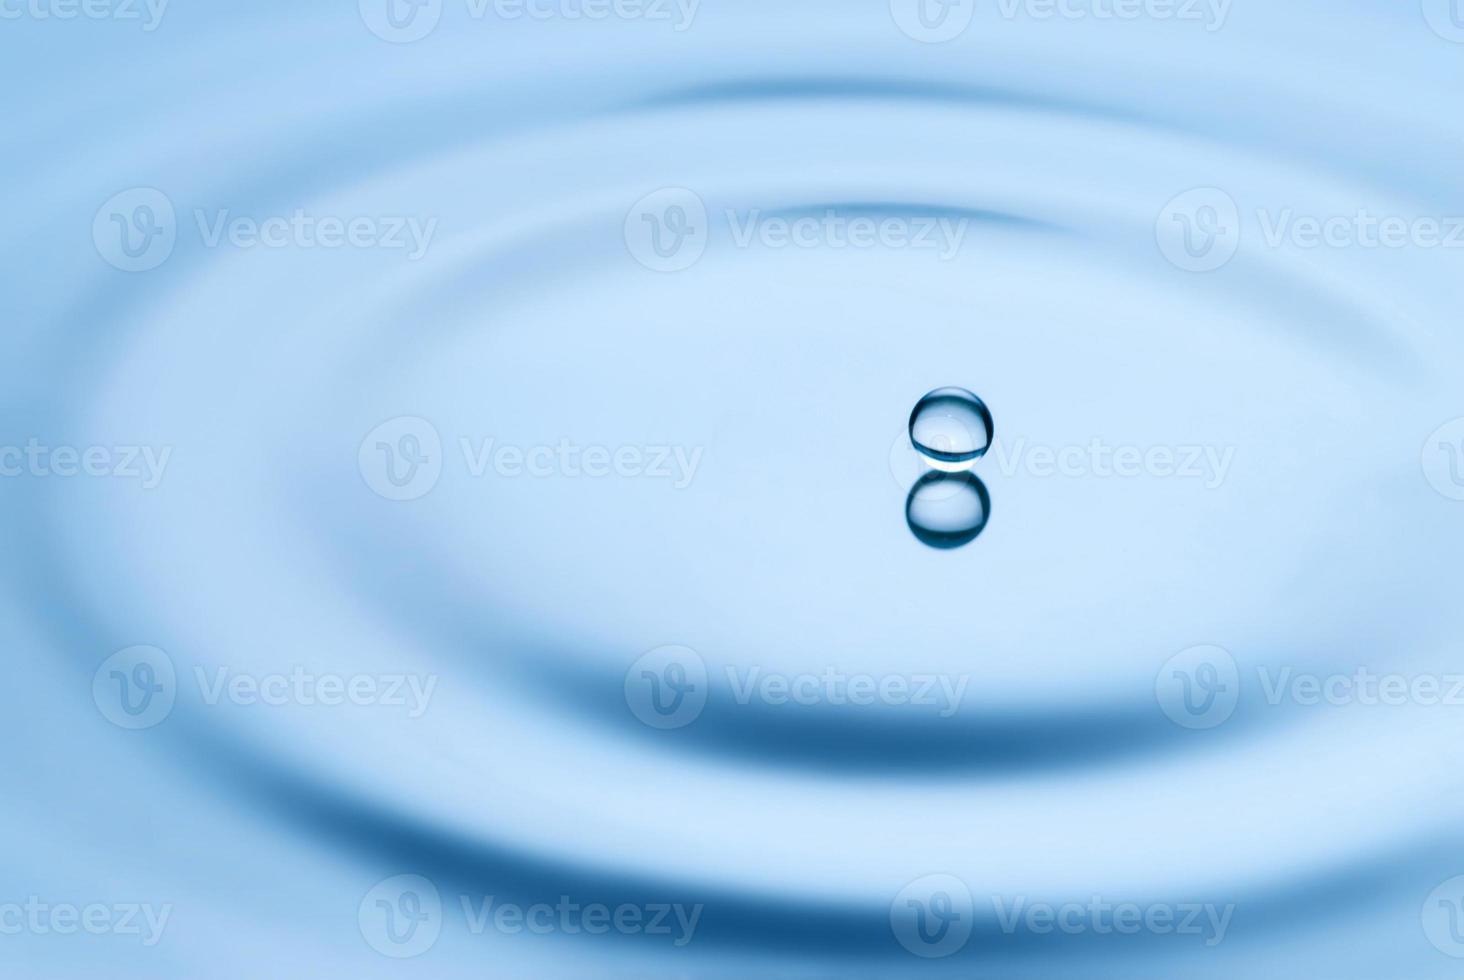 goccia d'acqua che cade nell'acqua foto